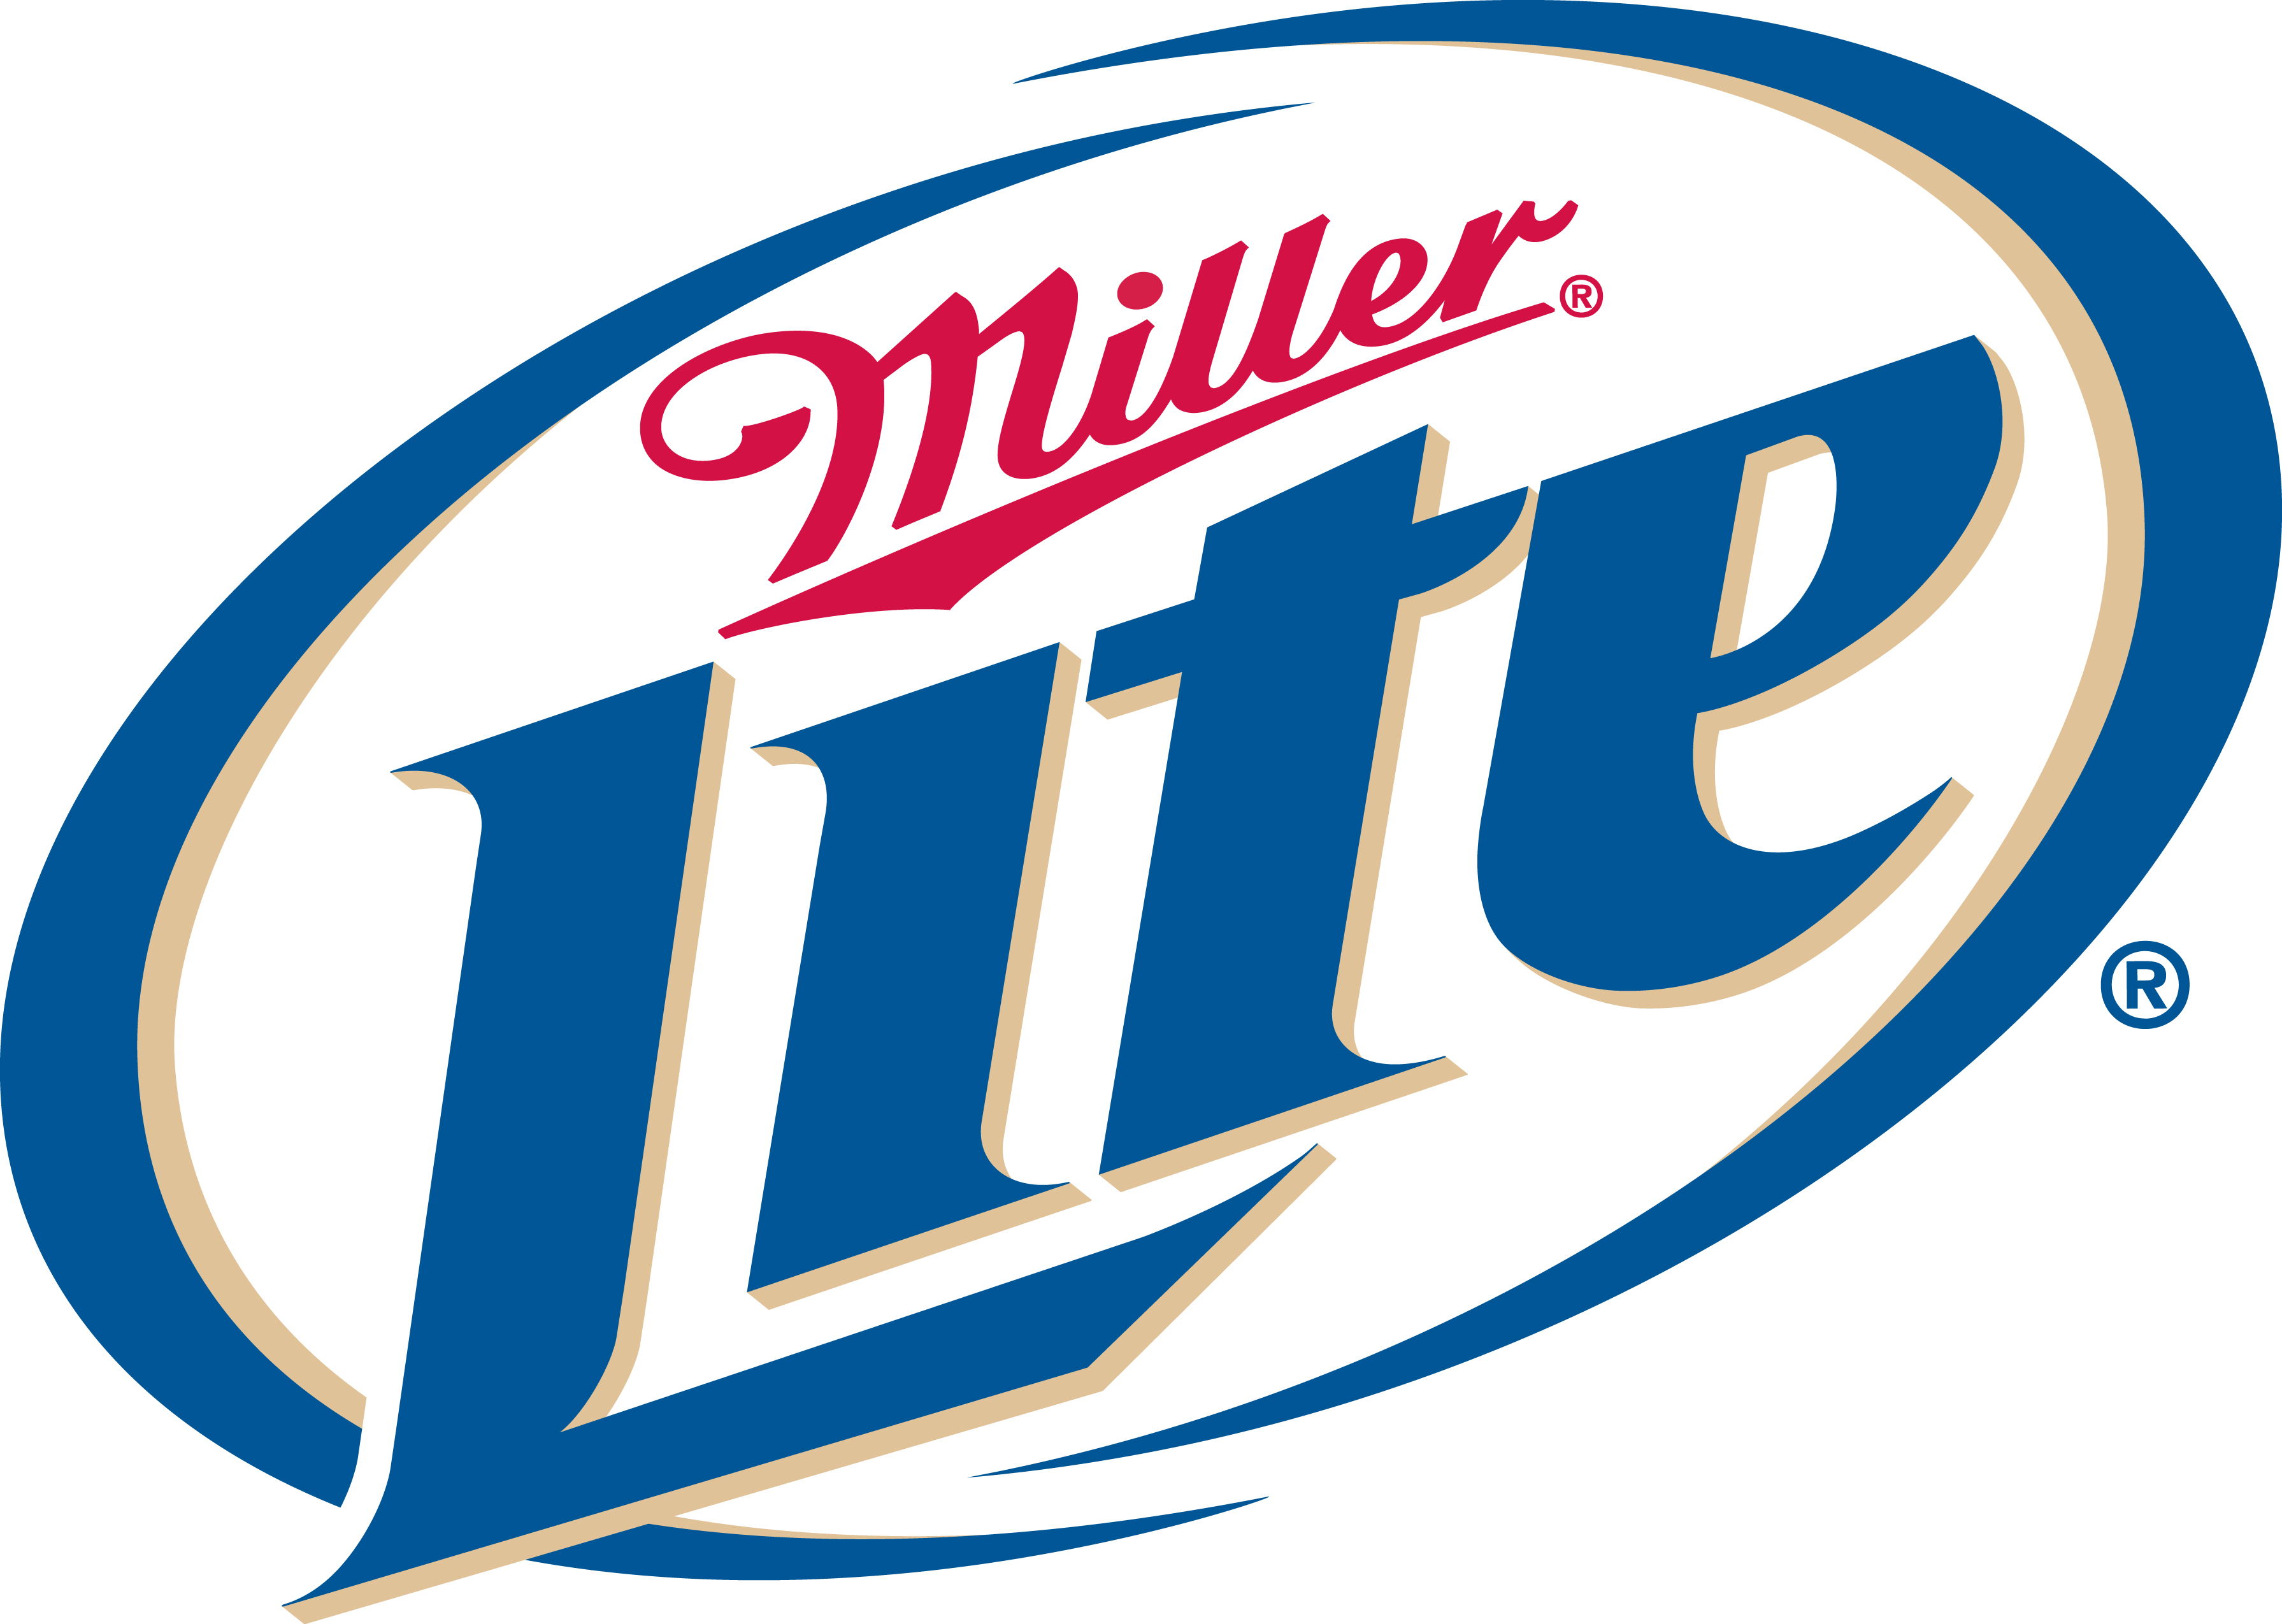 Miller lite Logos.